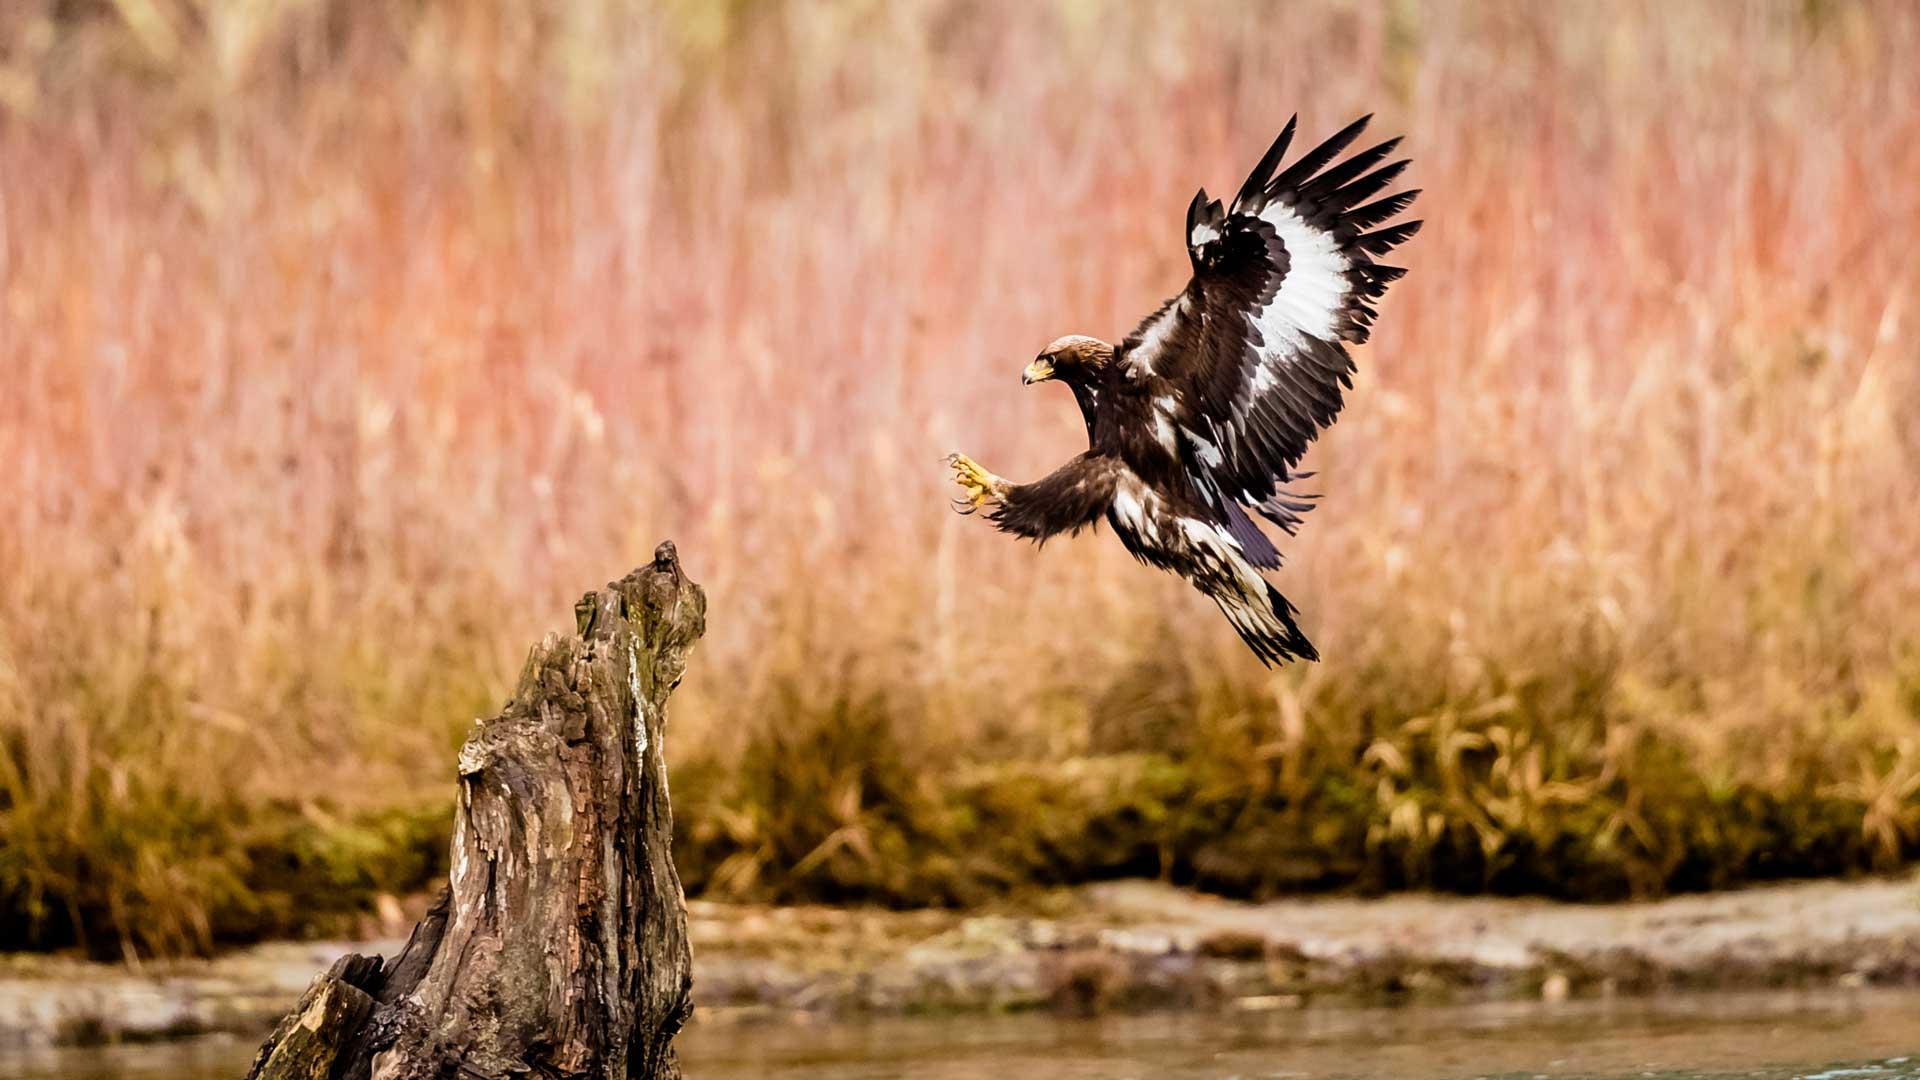 Wie schnell fliegen Adler?